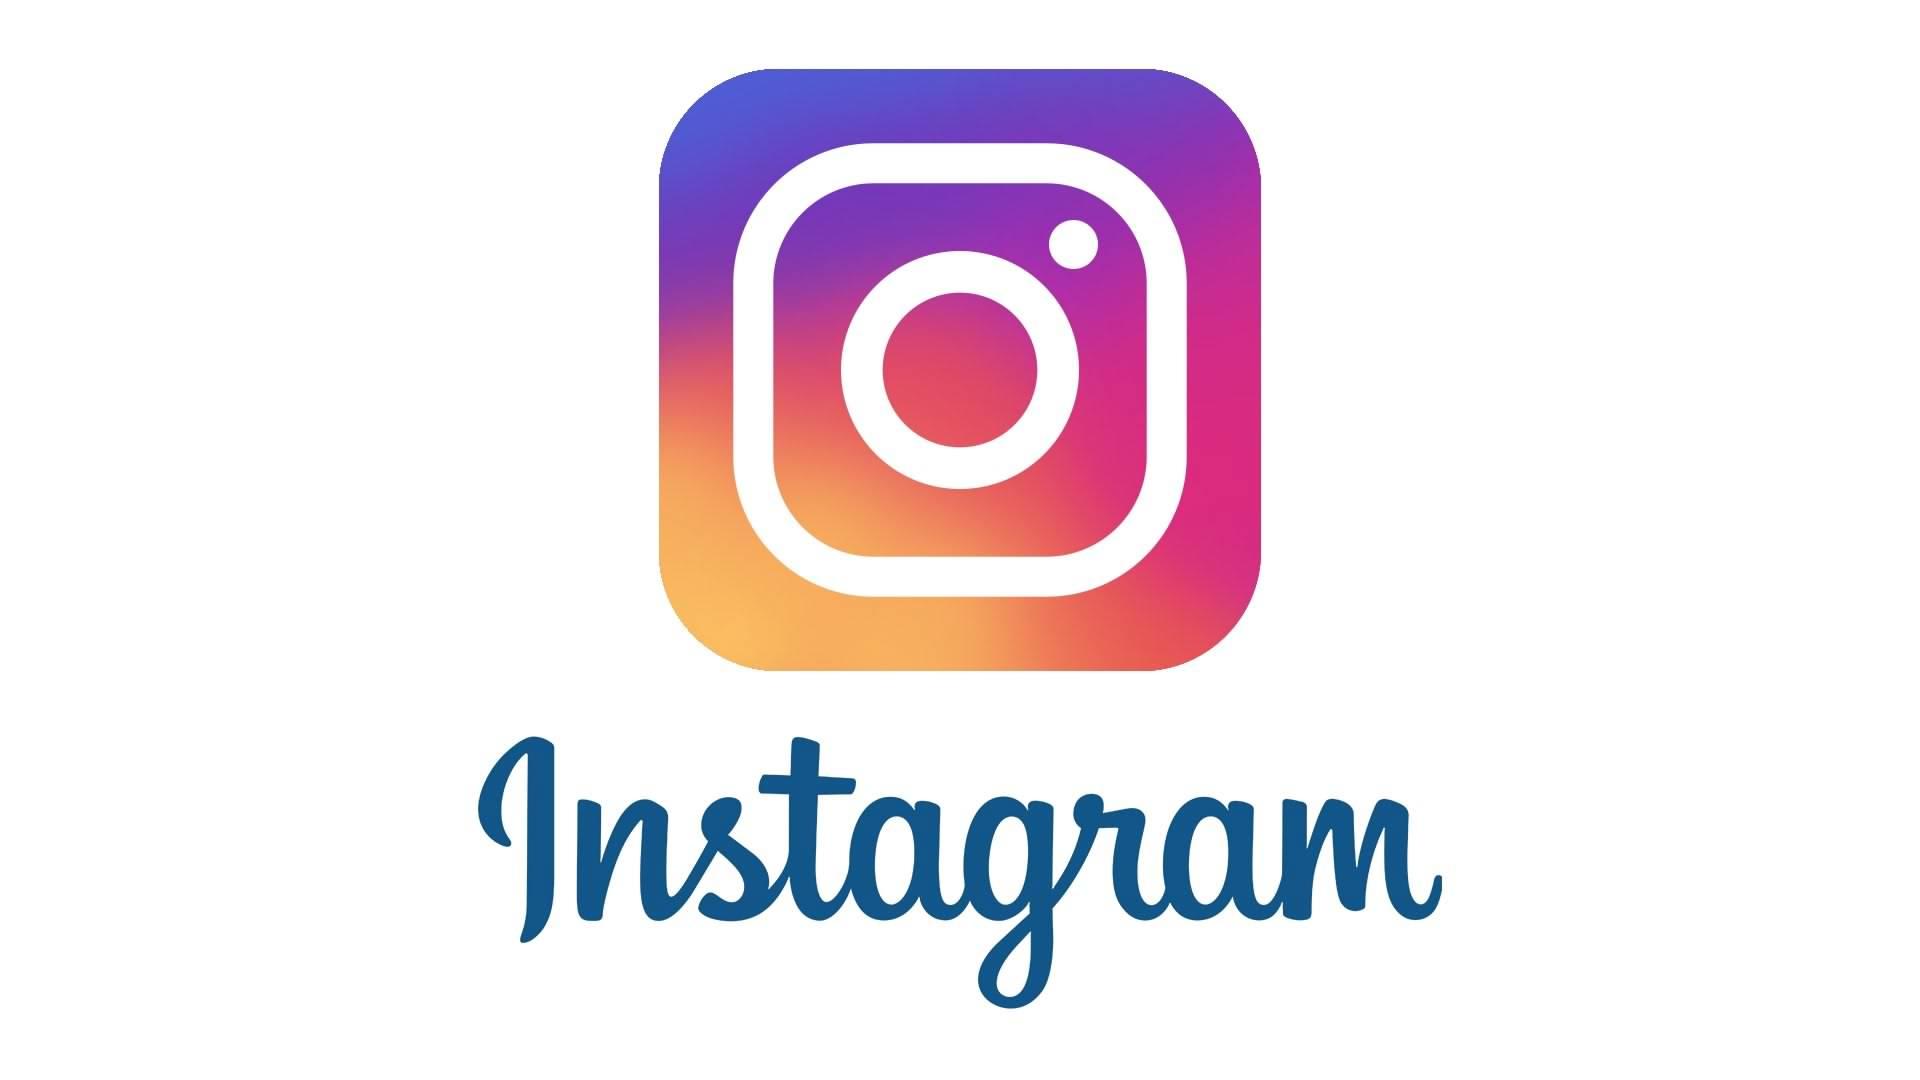 بهترین نسخه های غیر رسمی اینستاگرام اندروید The best unofficial Instagram